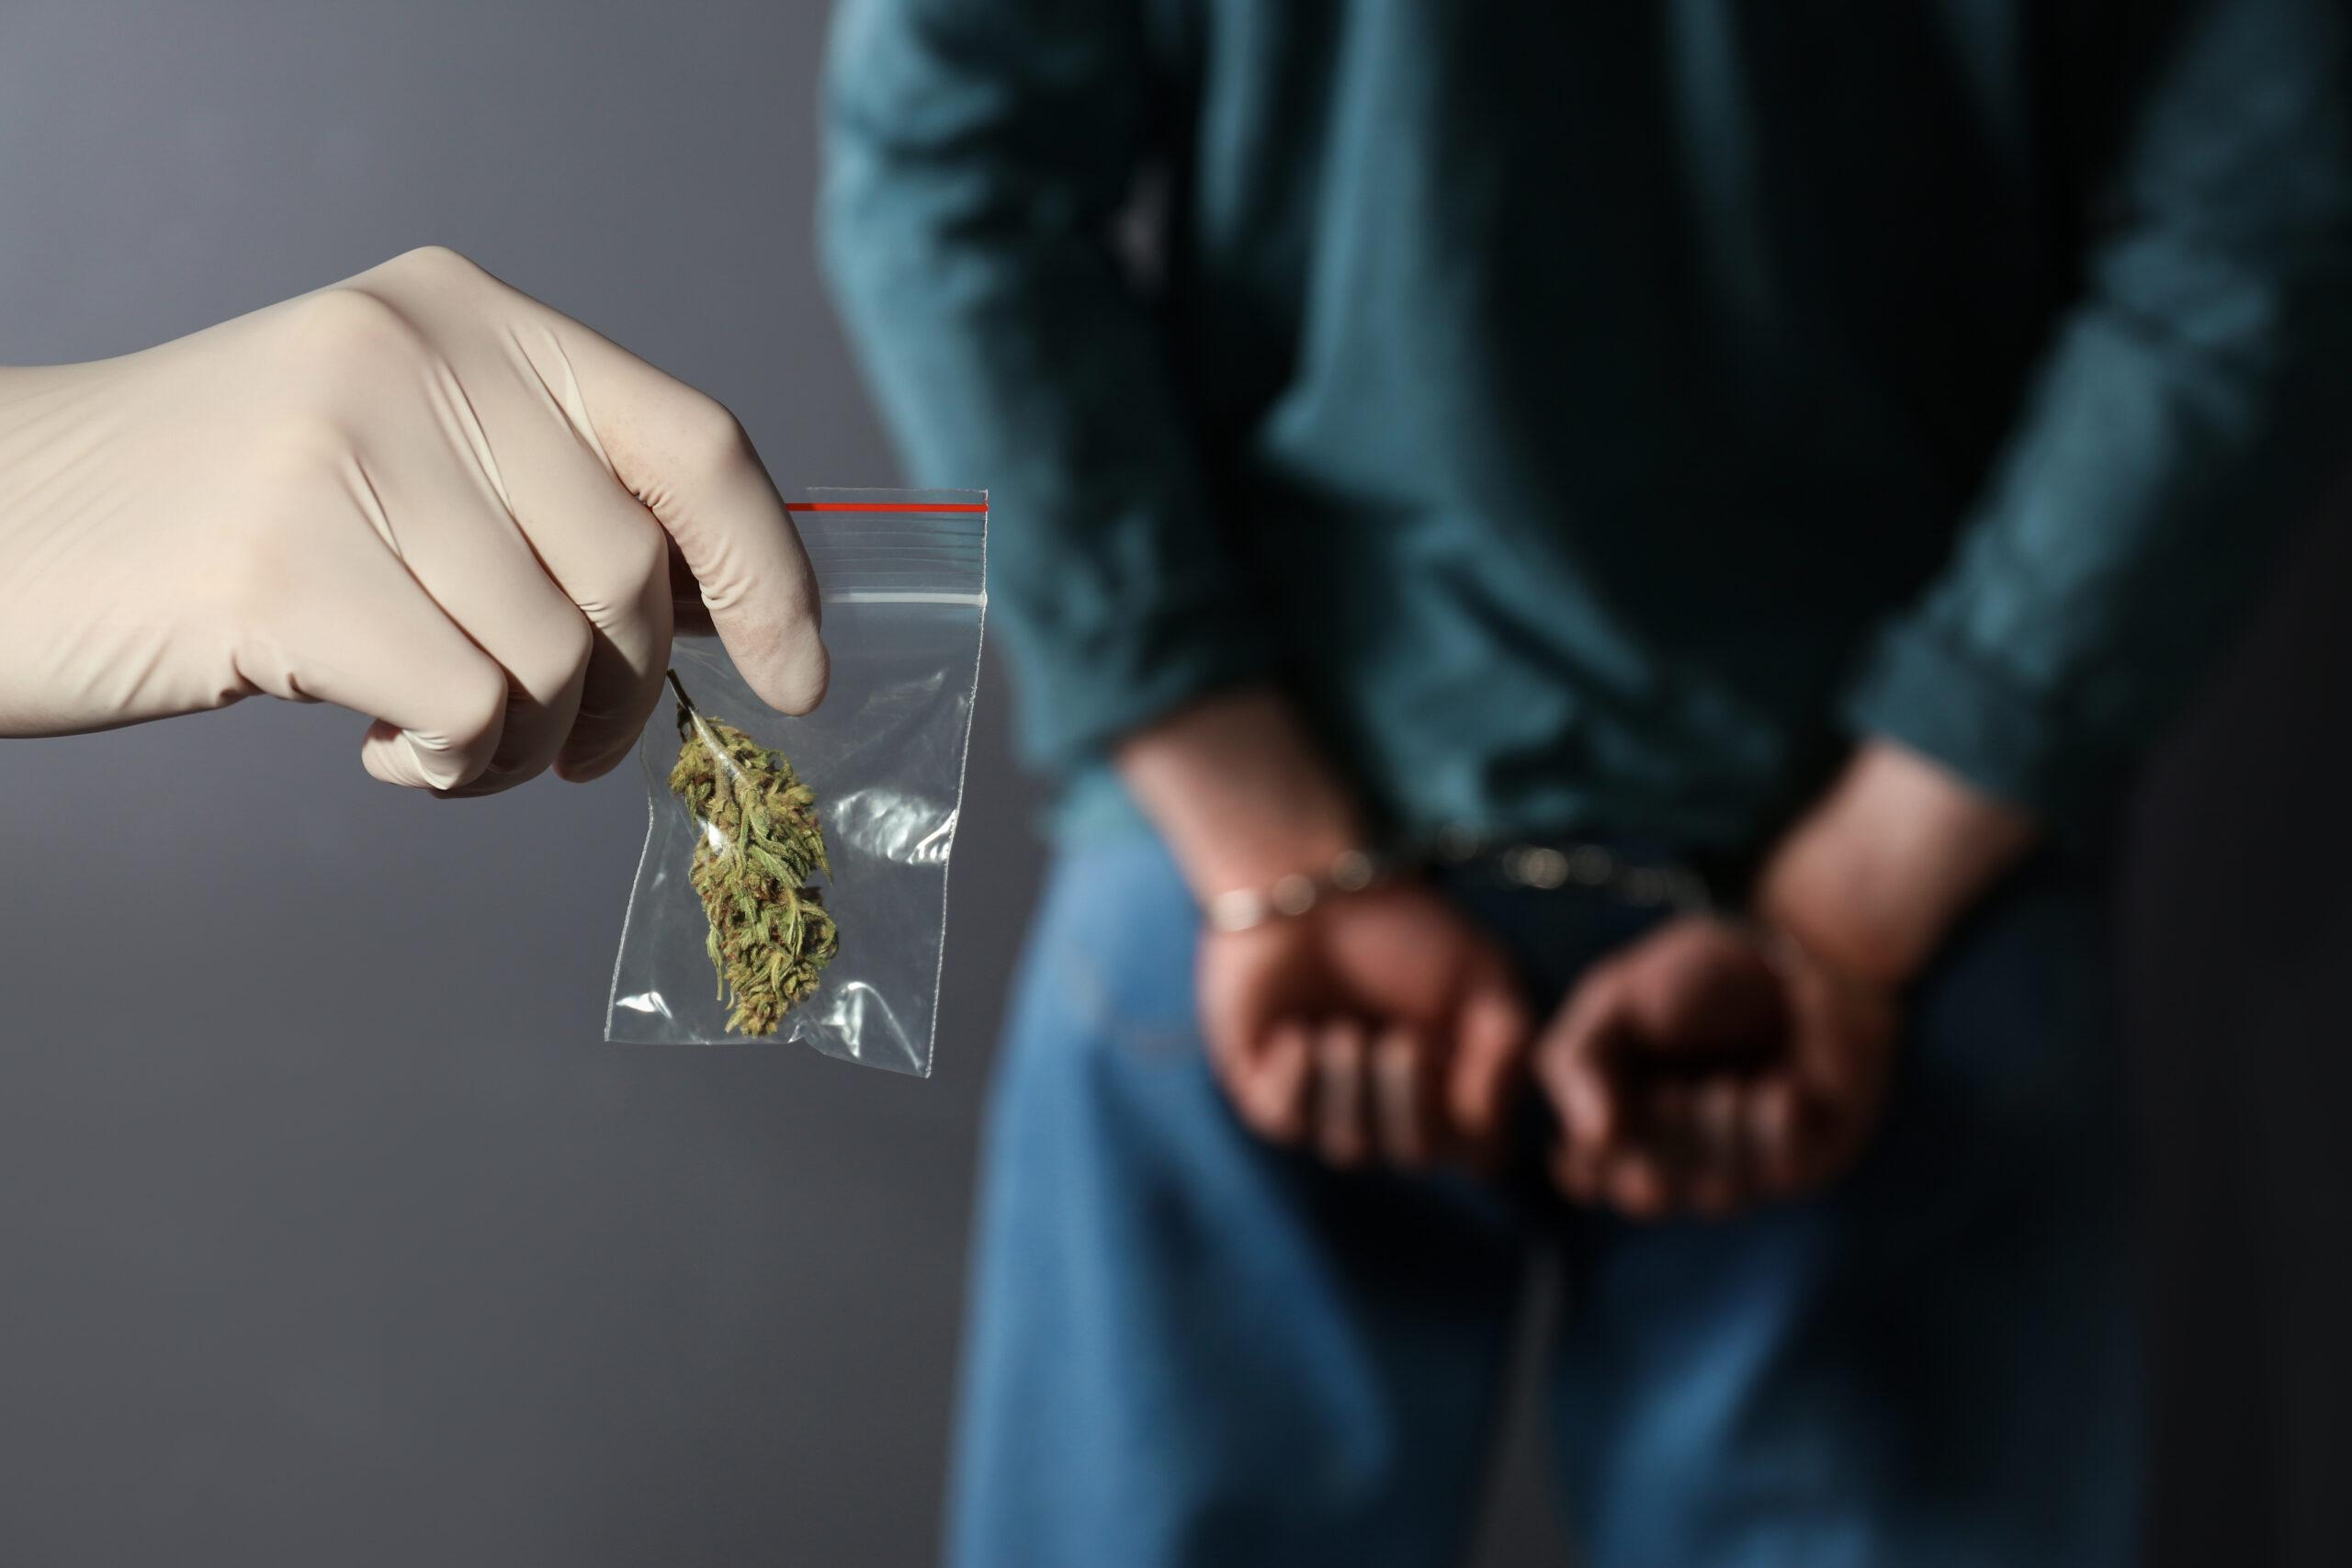 Police worker holding hemp in plastic bag near arrested drug dealer on color background